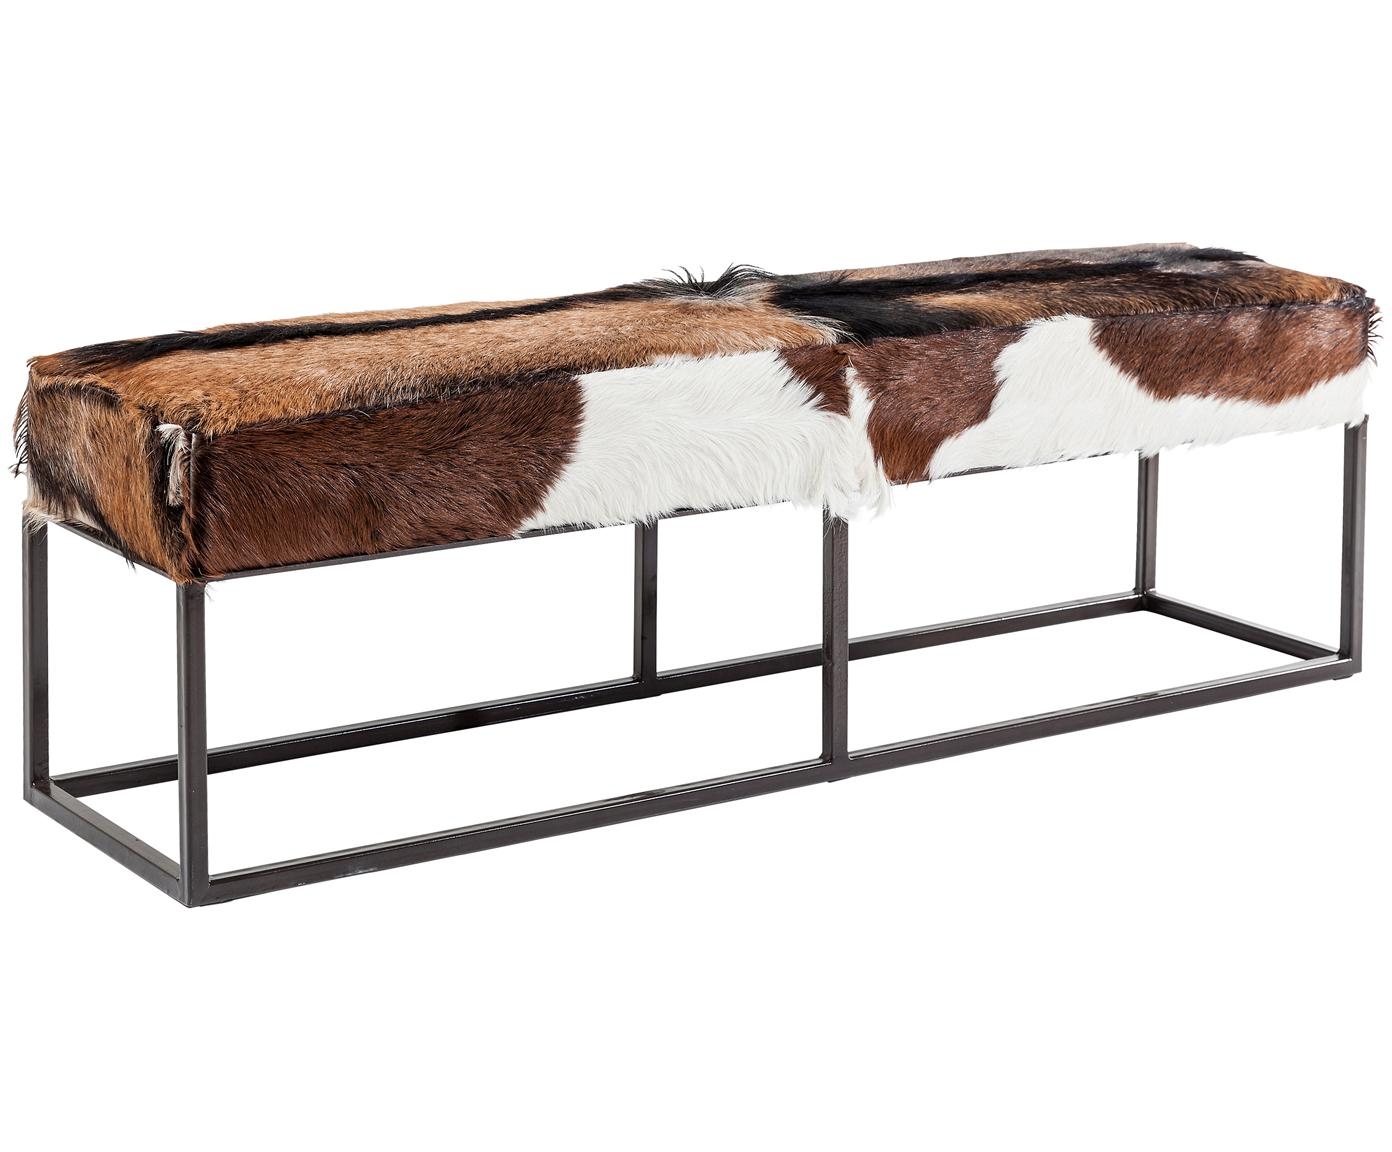 Panca in pelle di capra Country Life, Seduta: pelle di capra, Struttura: acciaio, verniciato, Seduta: pelle di capra<br>Struttura: acciaio verniciato, Larg. 140 x Alt. 47 cm